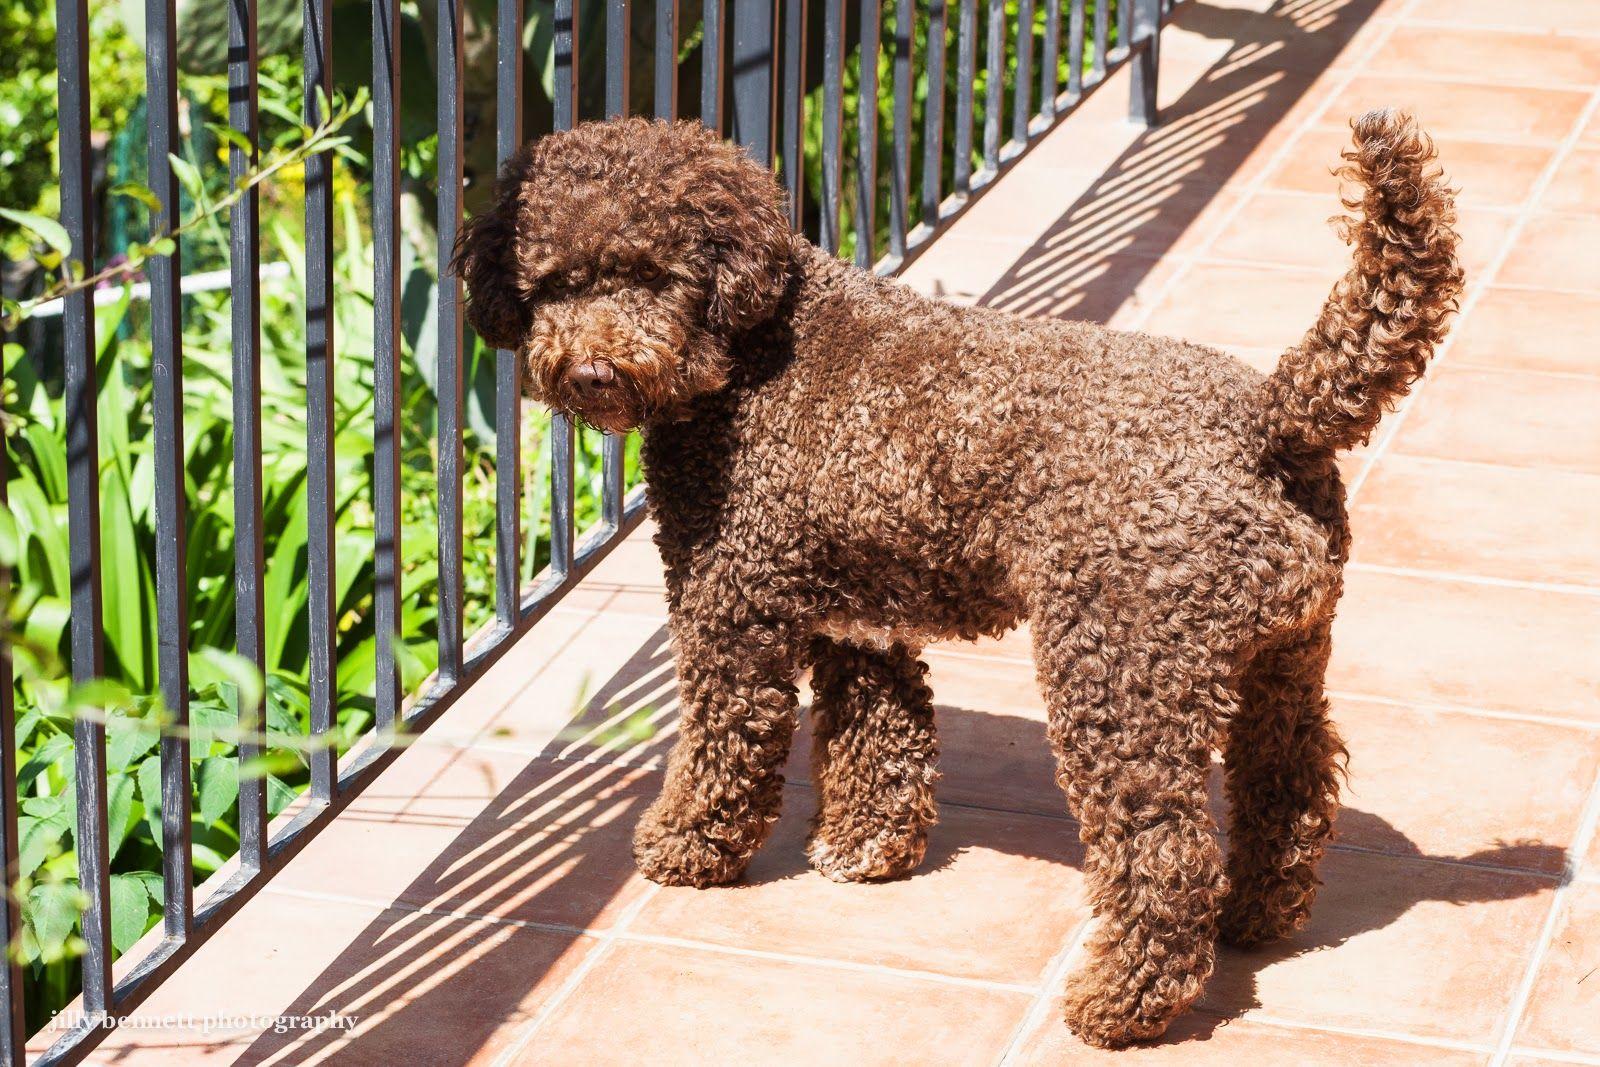 Lagotto romagnolo on riviera dogs pretty dogs